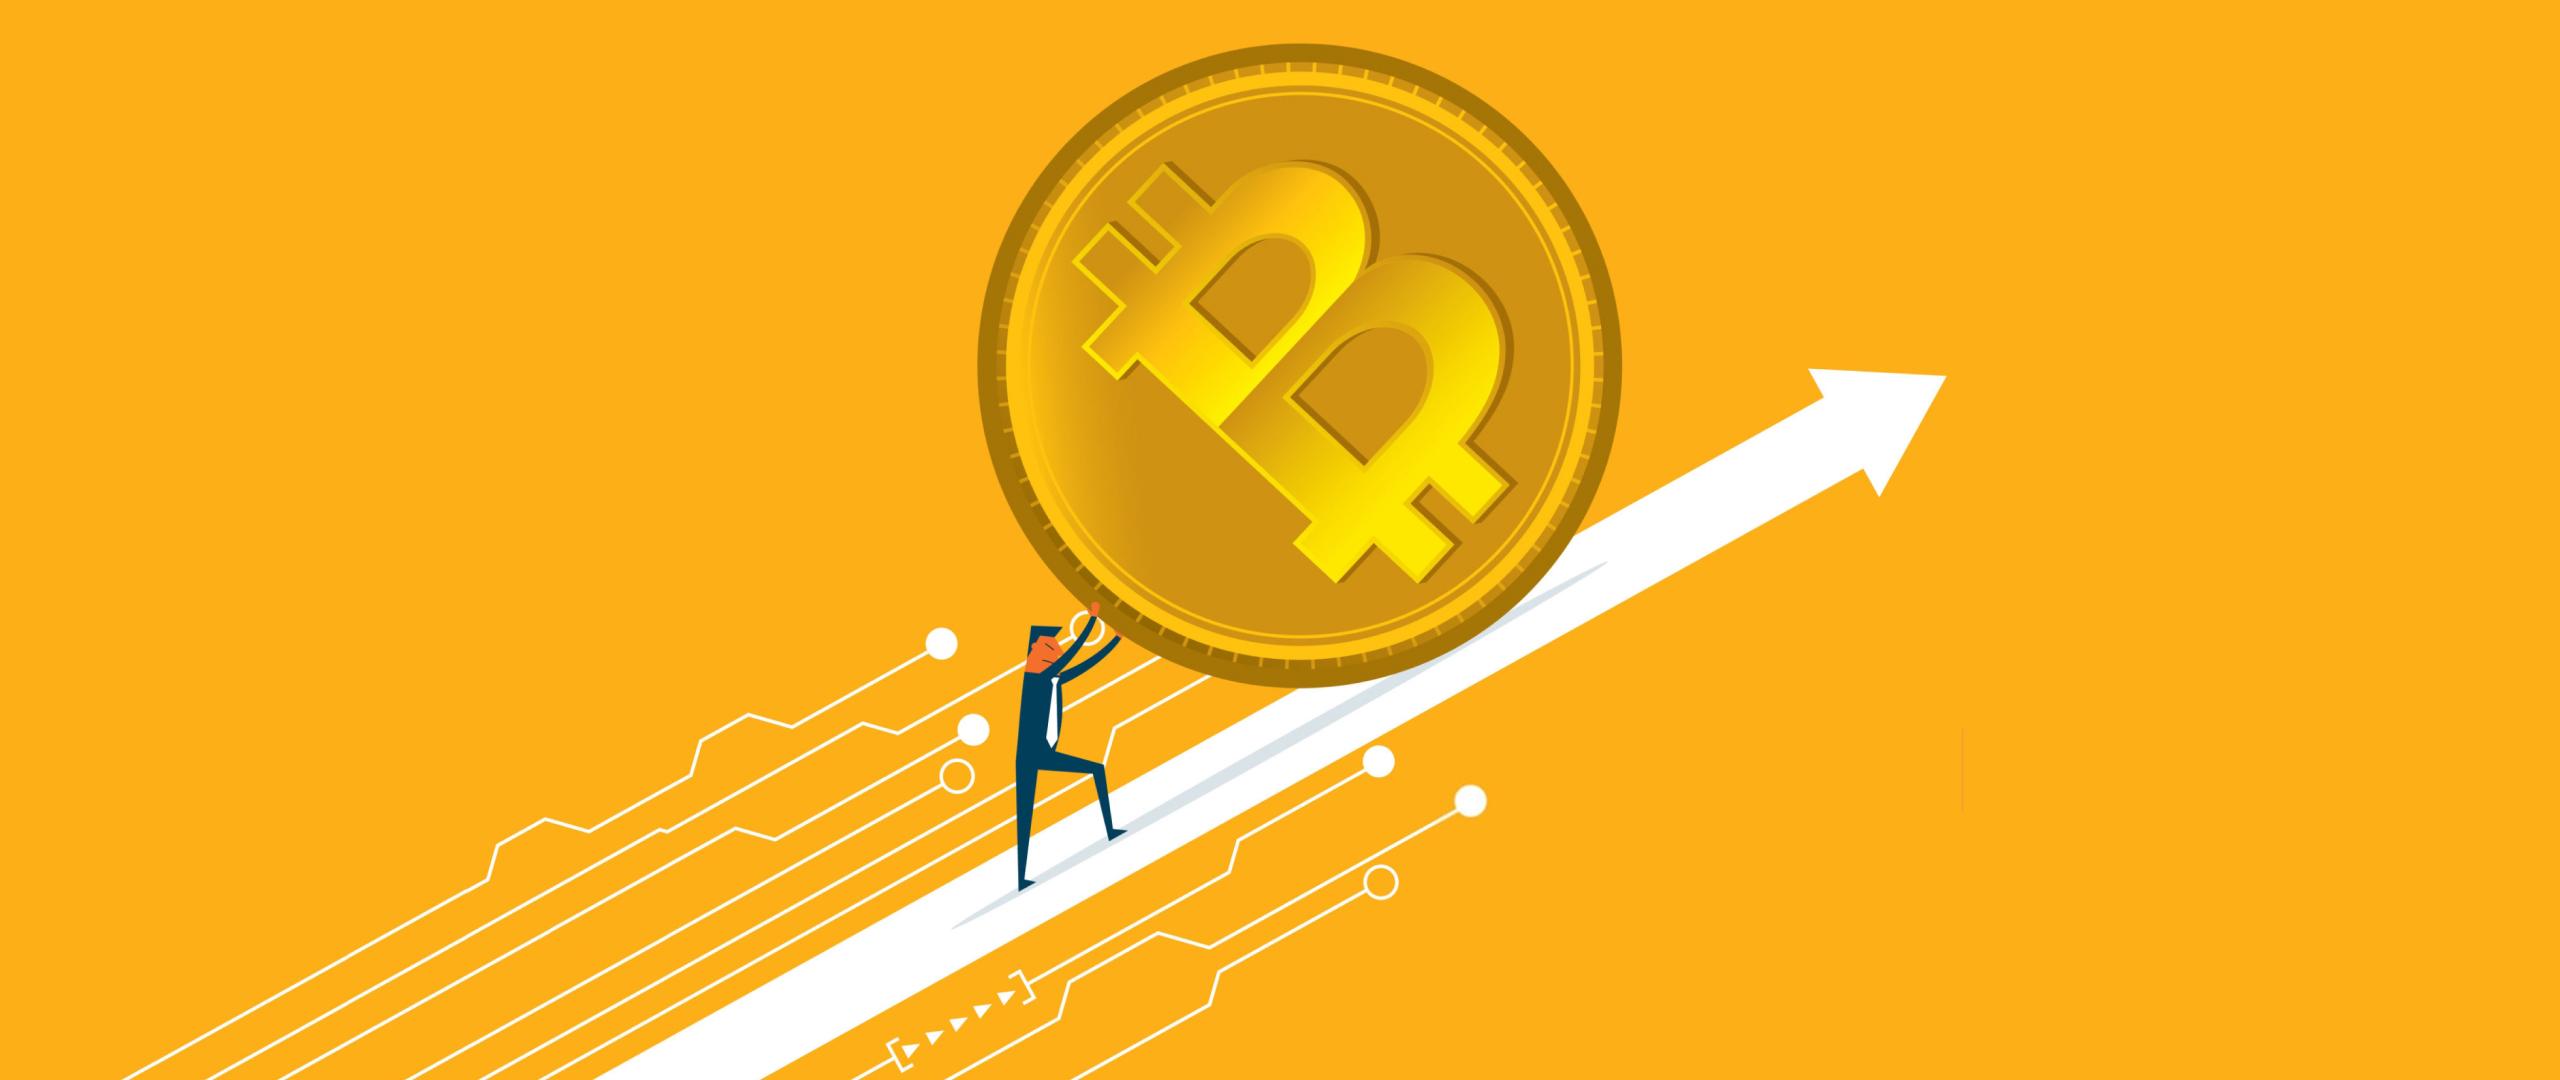 Cách sử dụng đòn bẩy để mua Bitcoin